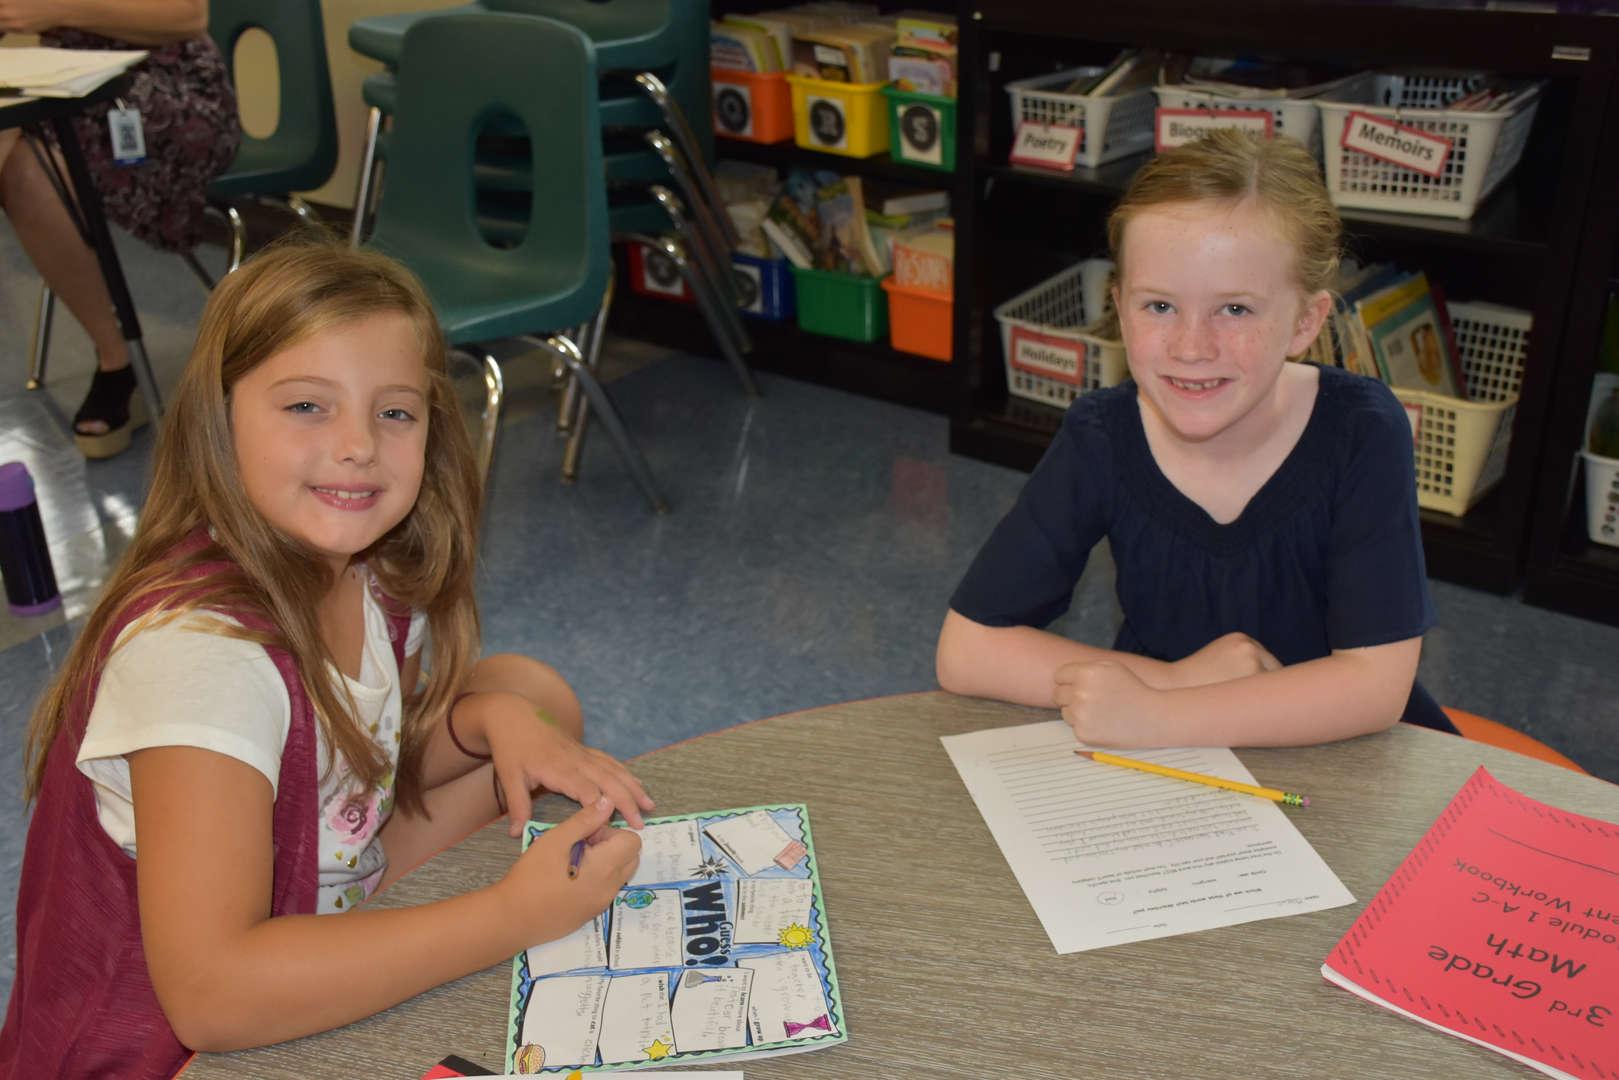 Students at desks